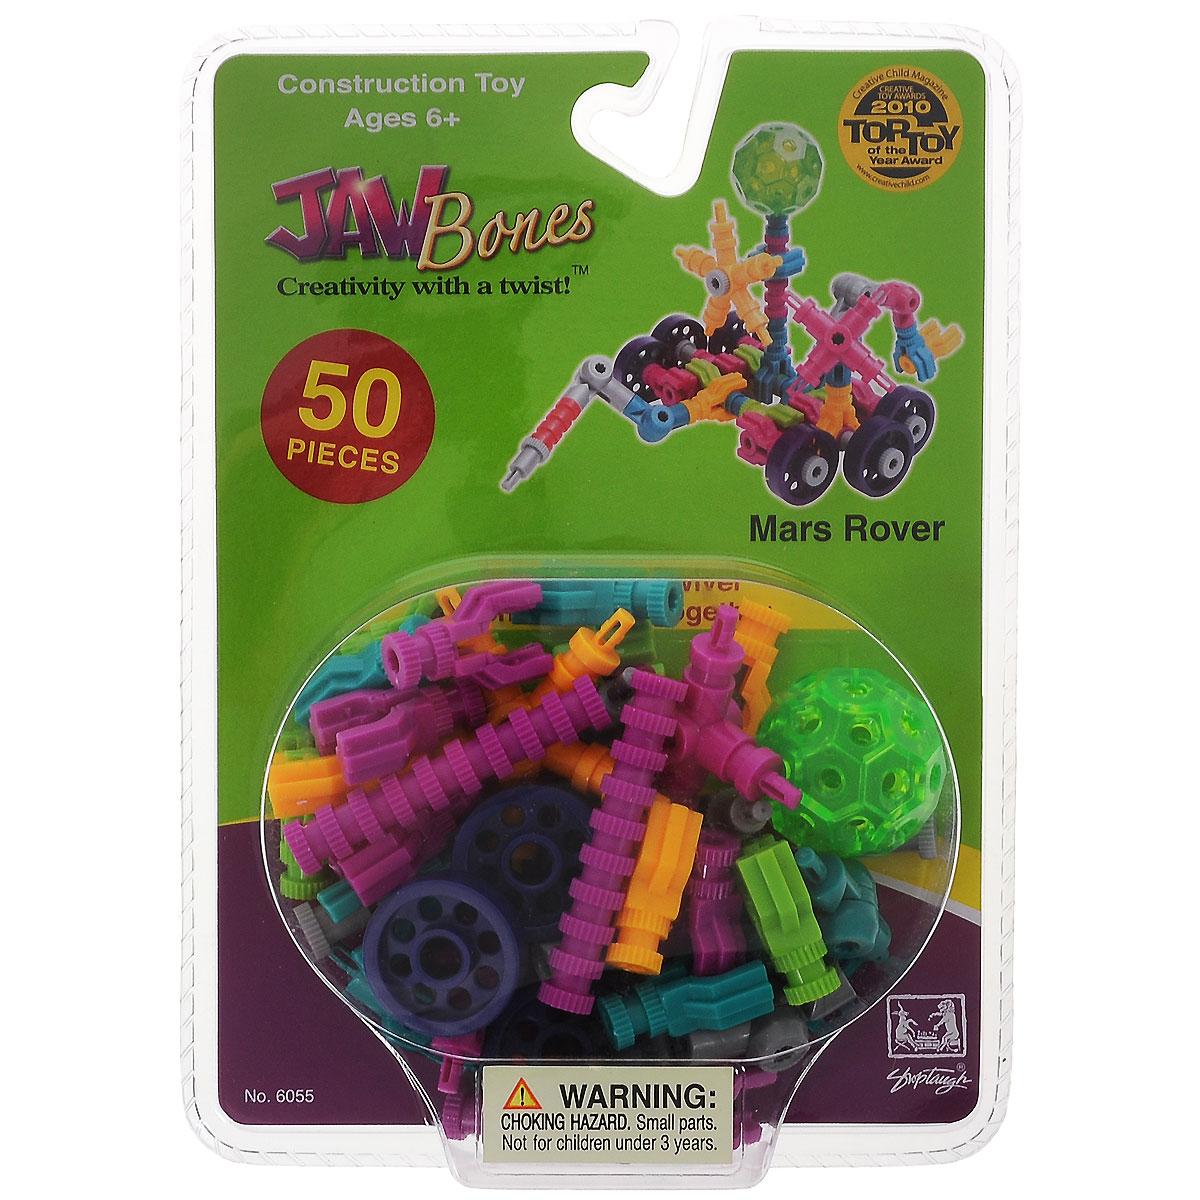 Jawbones Конструктор Марсоход6055Новый развивающий конструктор Jawbones непременно понравится вашему ребенку! При помощи красочных деталей, с уникальным креплением, можно собрать марсоход в оригинальном и неповторимом стиле. Конструктор состоит из 50 элементов разного размера, цвета и назначения. Ваш ребенок с удовольствием будет играть с конструктором, придумывая различные истории.